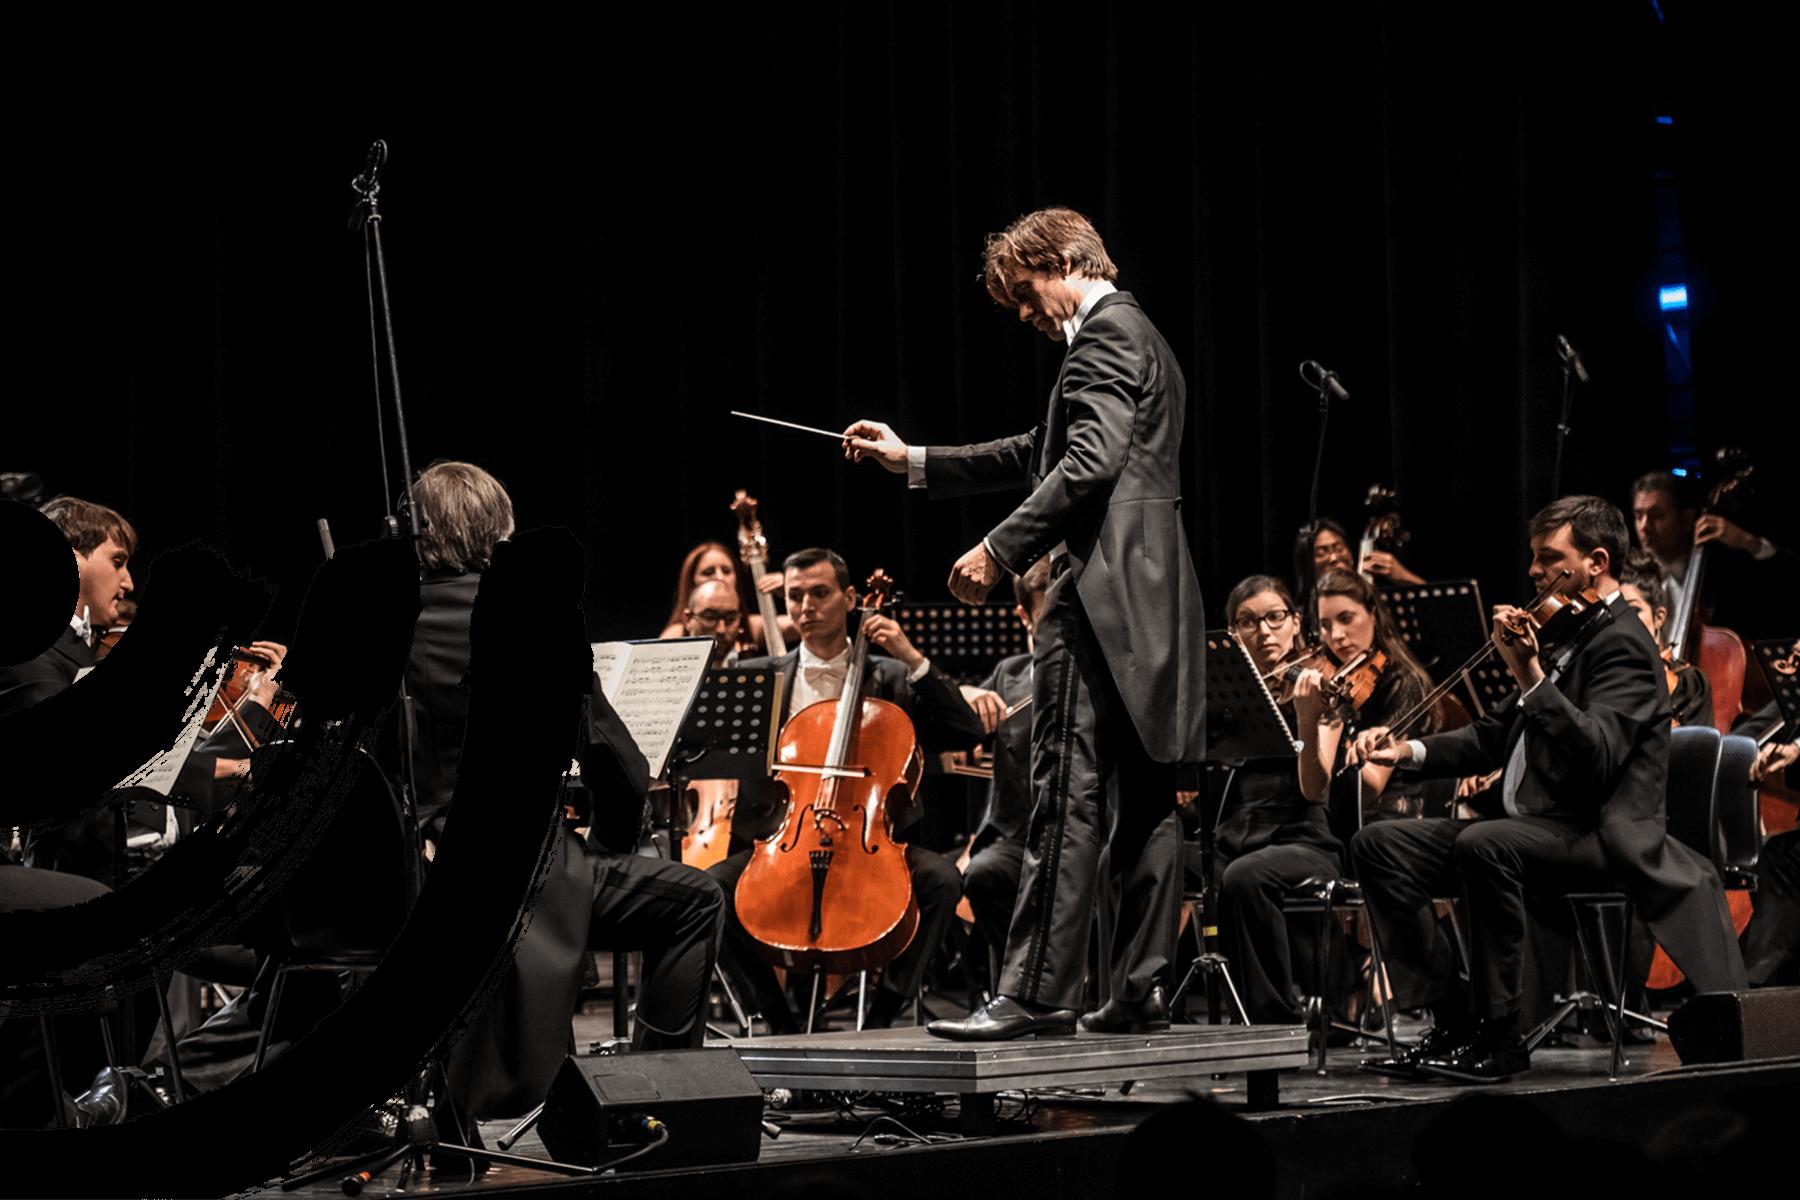 Orchestra LaFil - Direttore Marco Seco